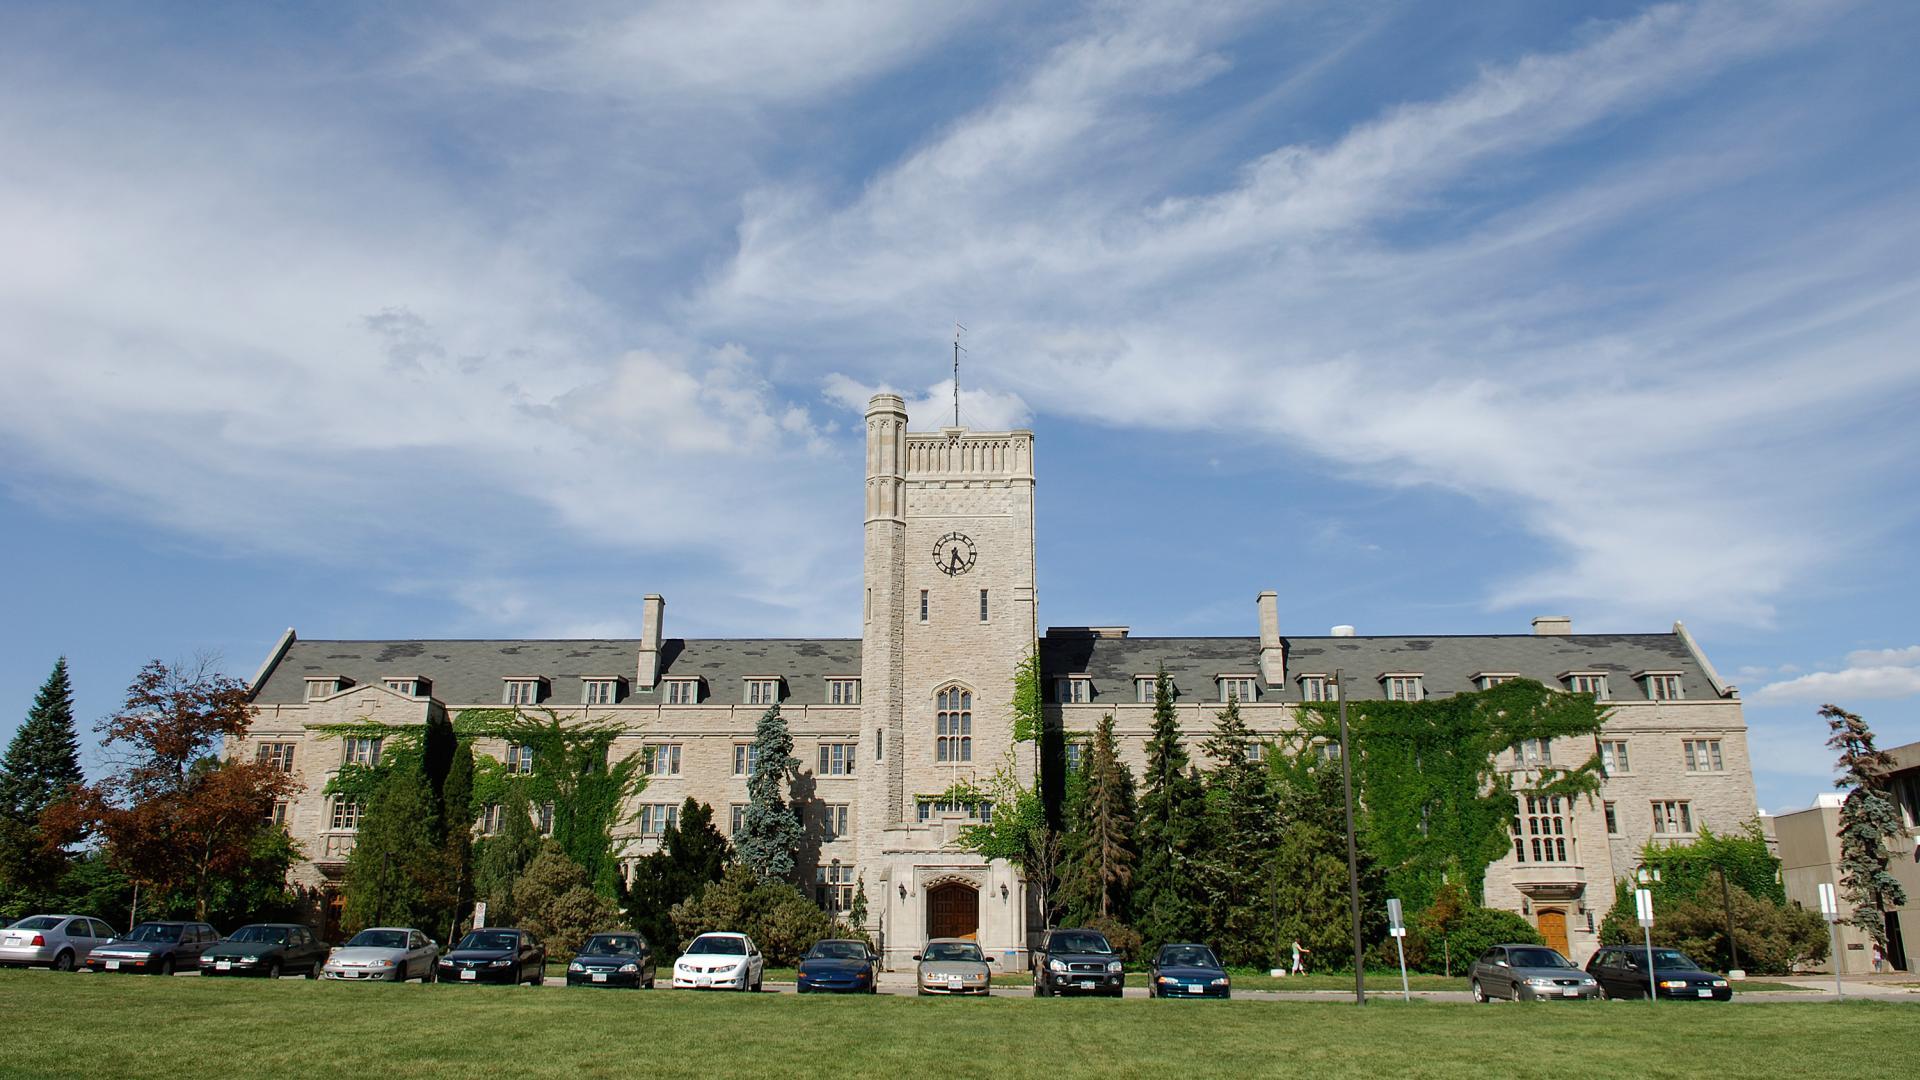 Kết quả hình ảnh cho university of Guelph